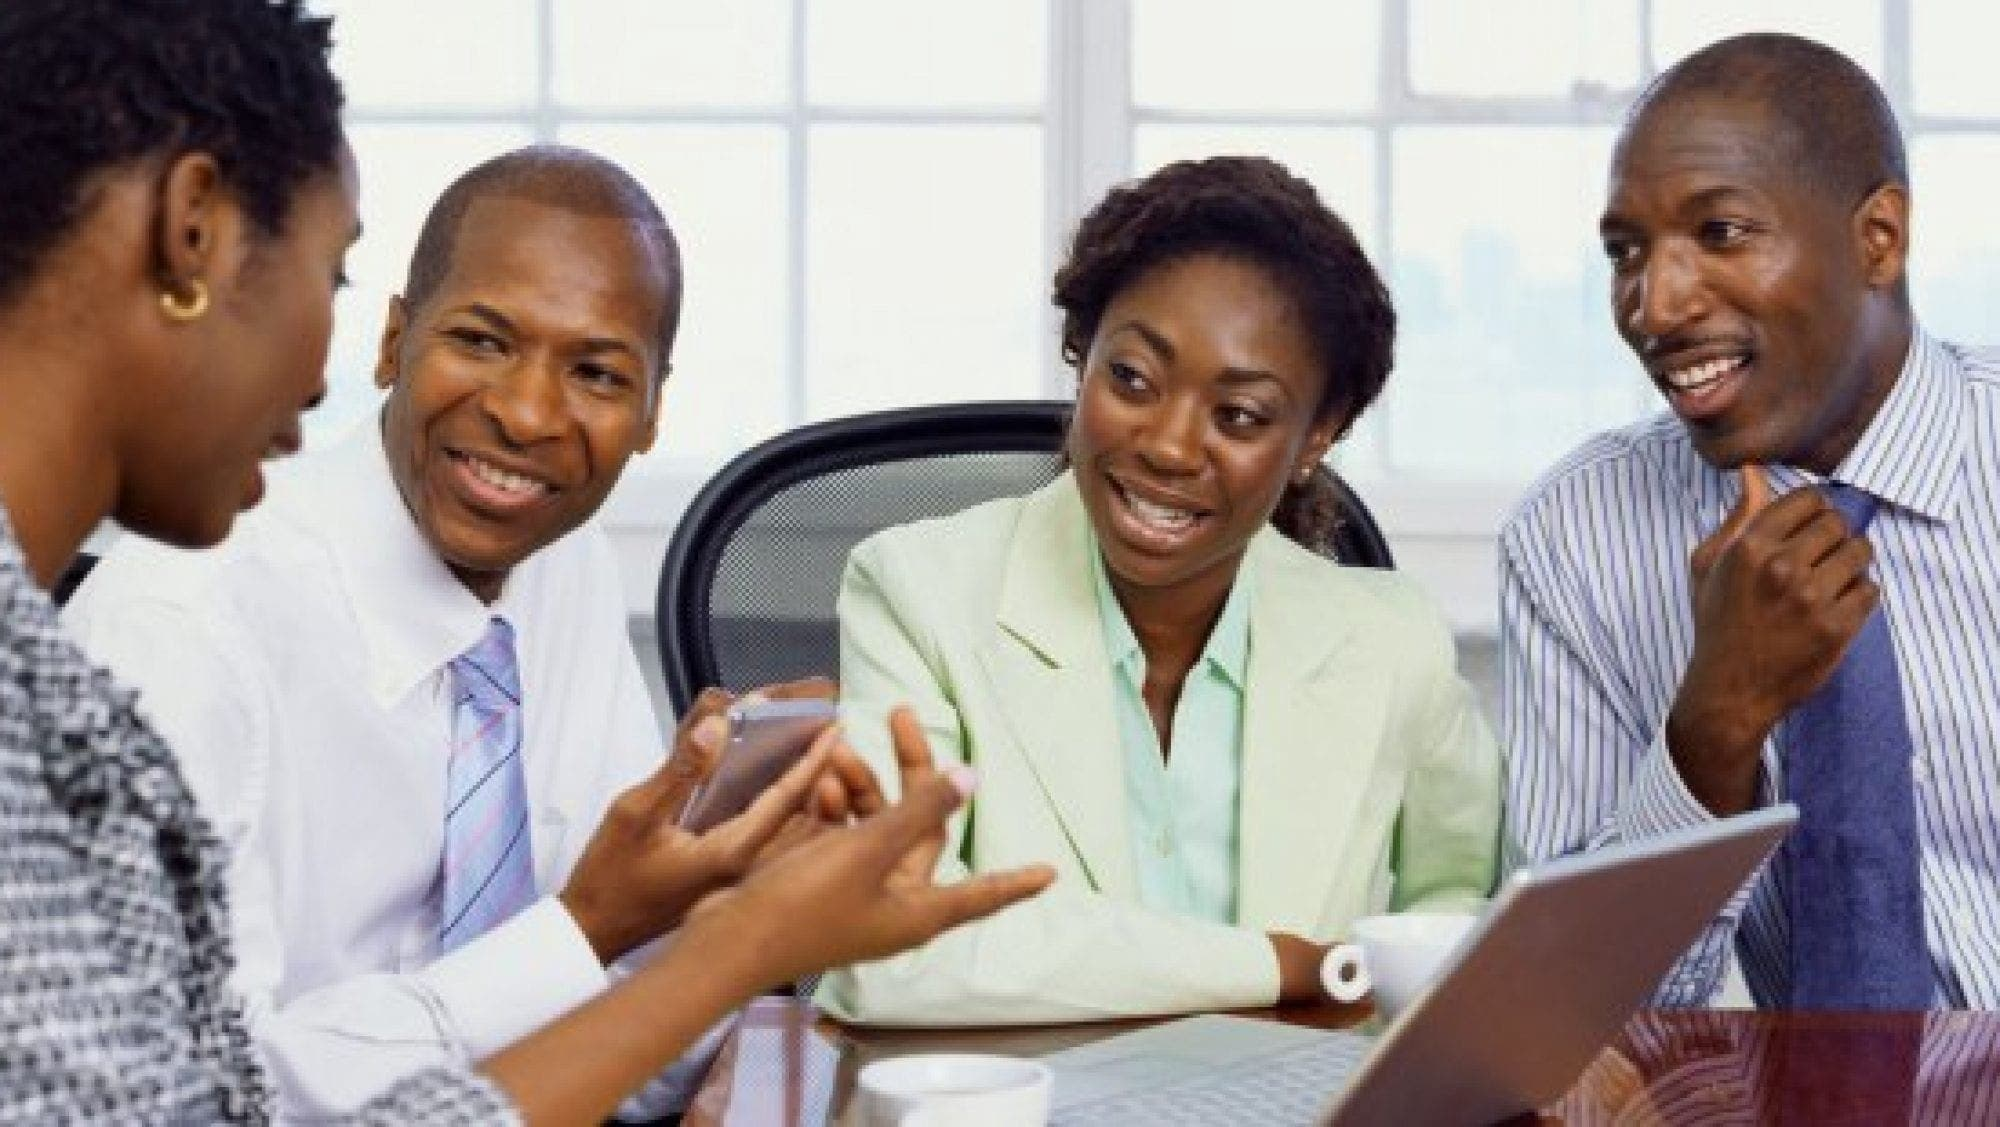 Les PME ont besoin de restructuration financière après la crise du Covid-19 (MFW4A)